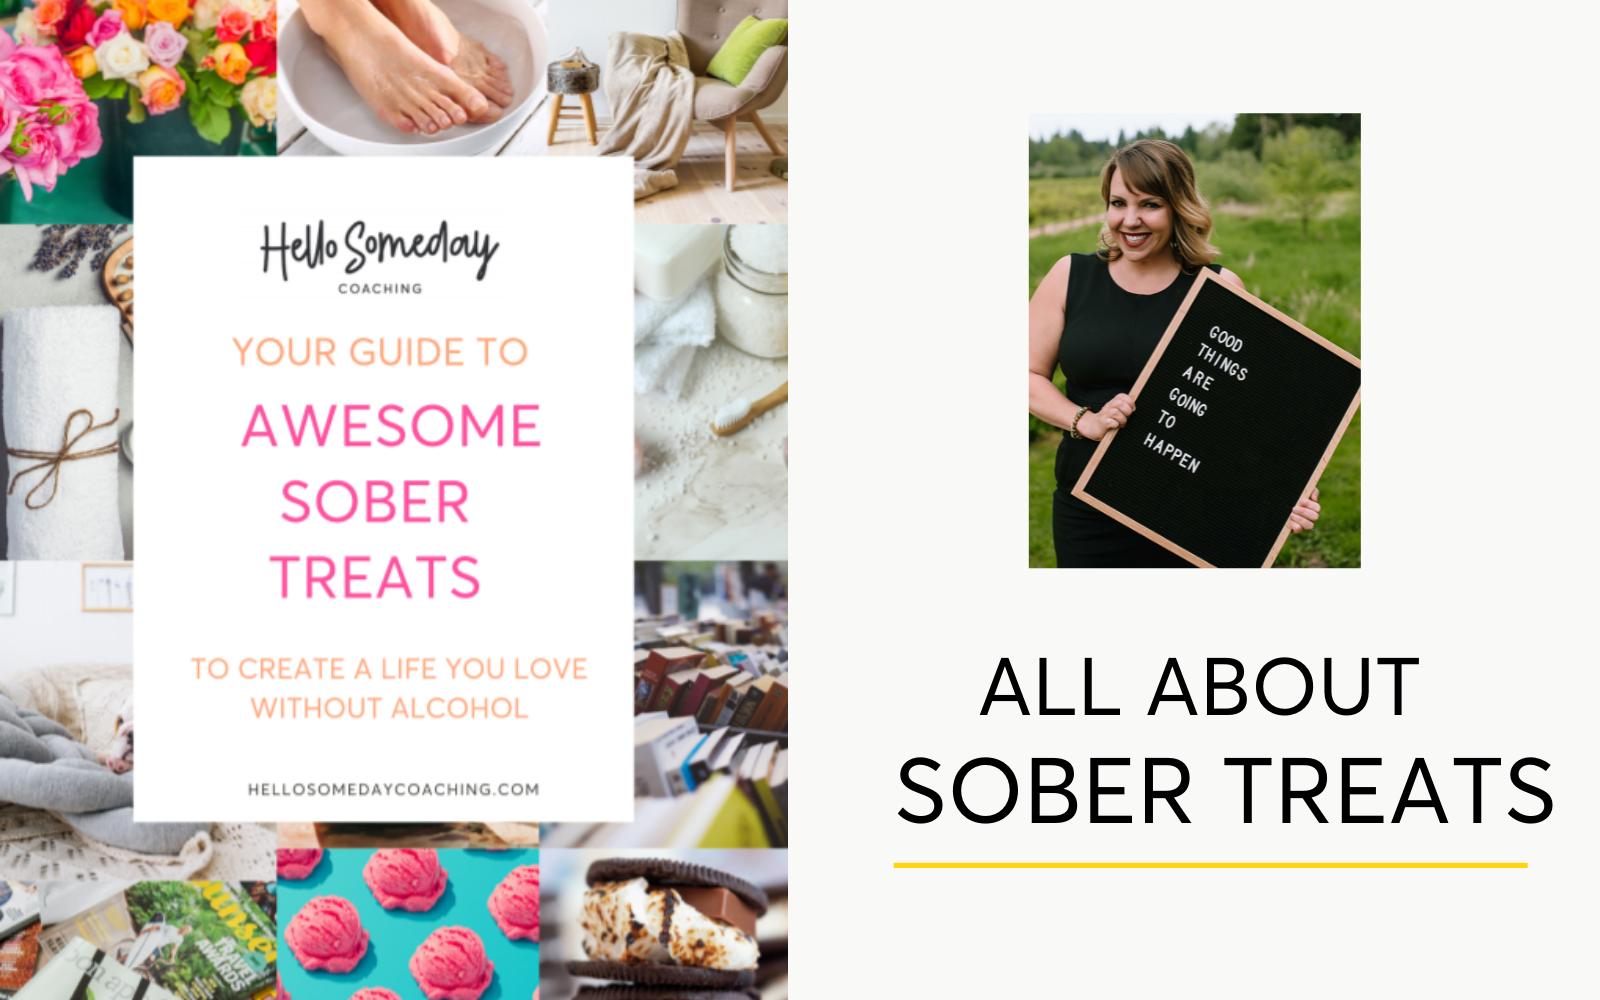 Why You Need Sober Treats